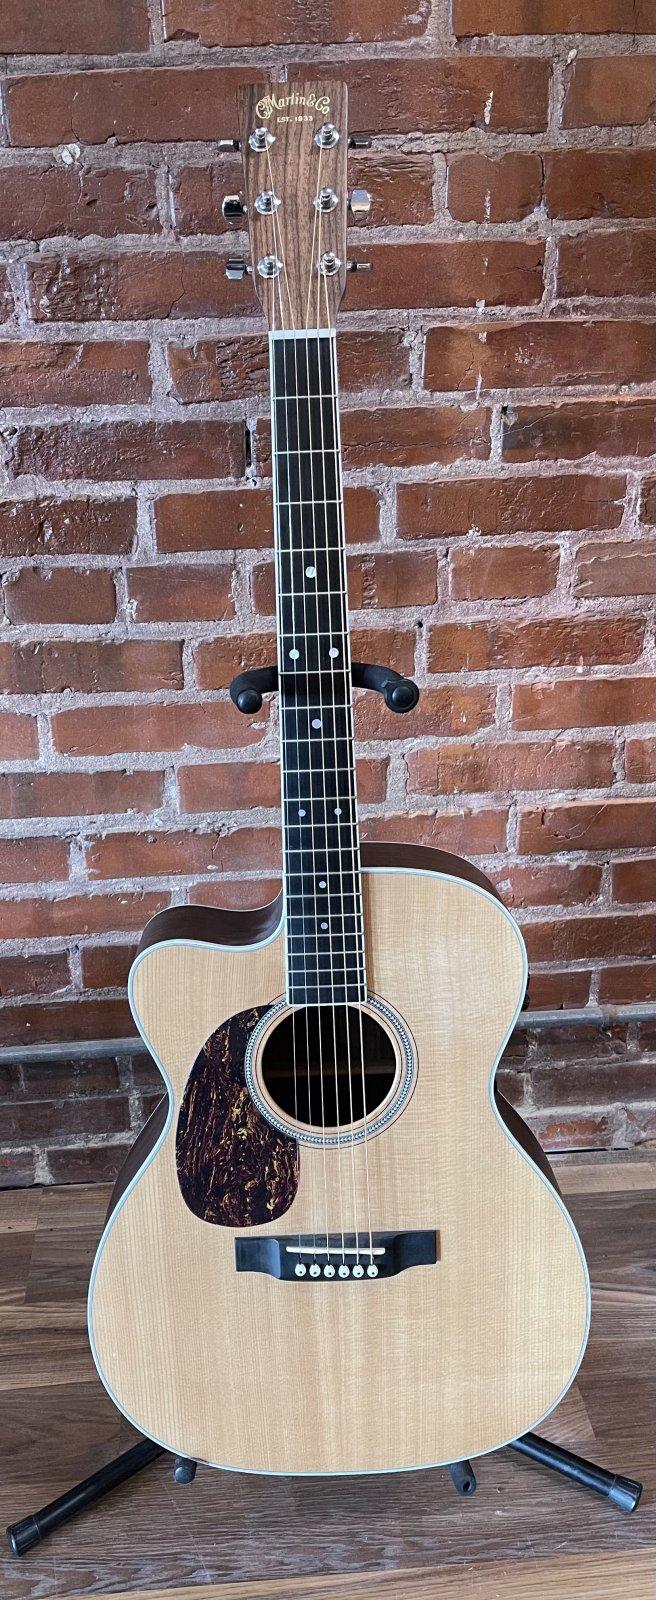 2001 Martin 000C-16RGTE L Lefty Acoustic